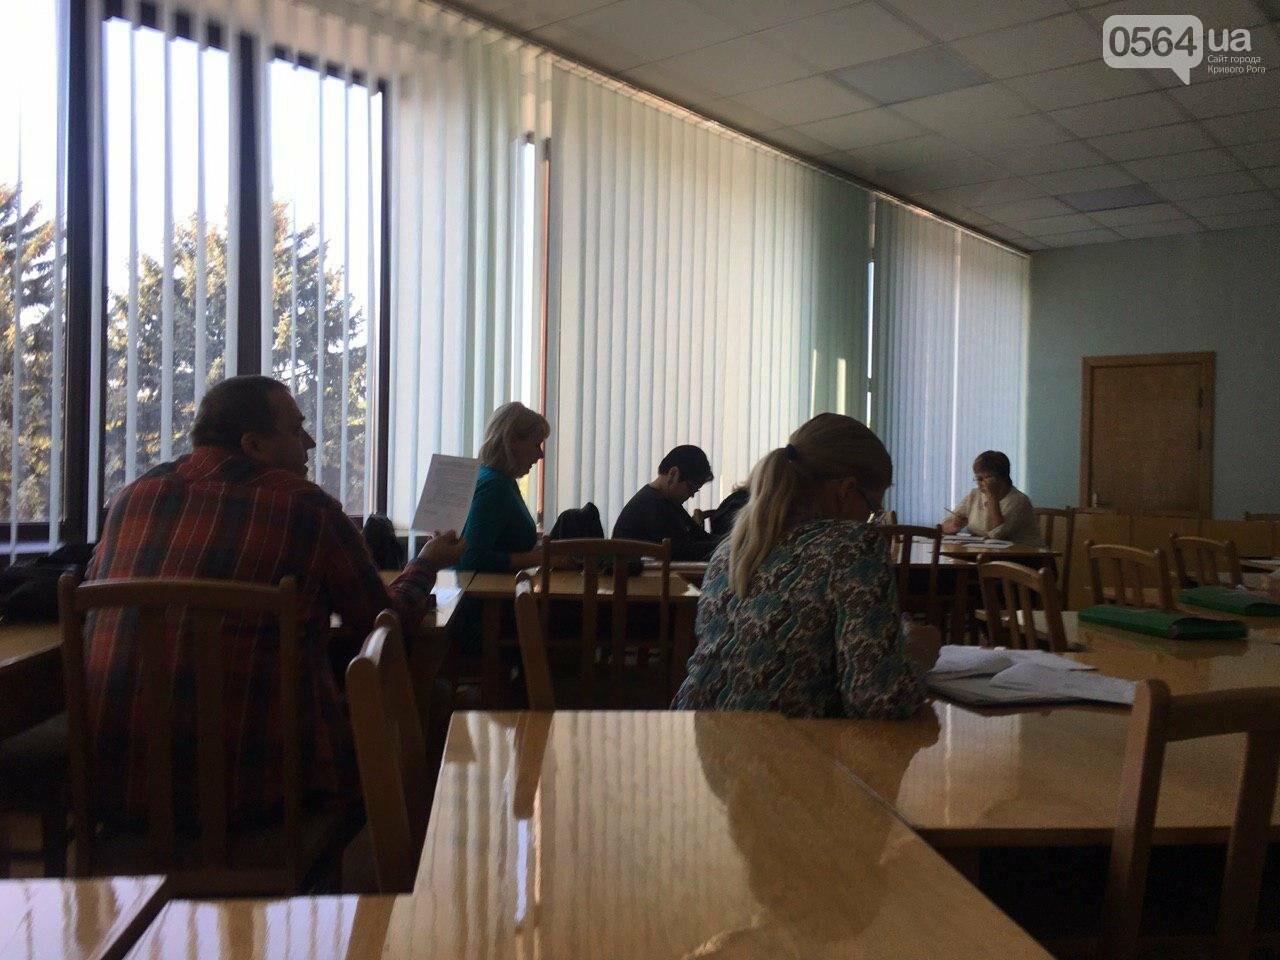 Депутаты Криворожского горсовета обсудили, куда и когда перенесут из зоны обрушения детский сад, - ФОТО , фото-14